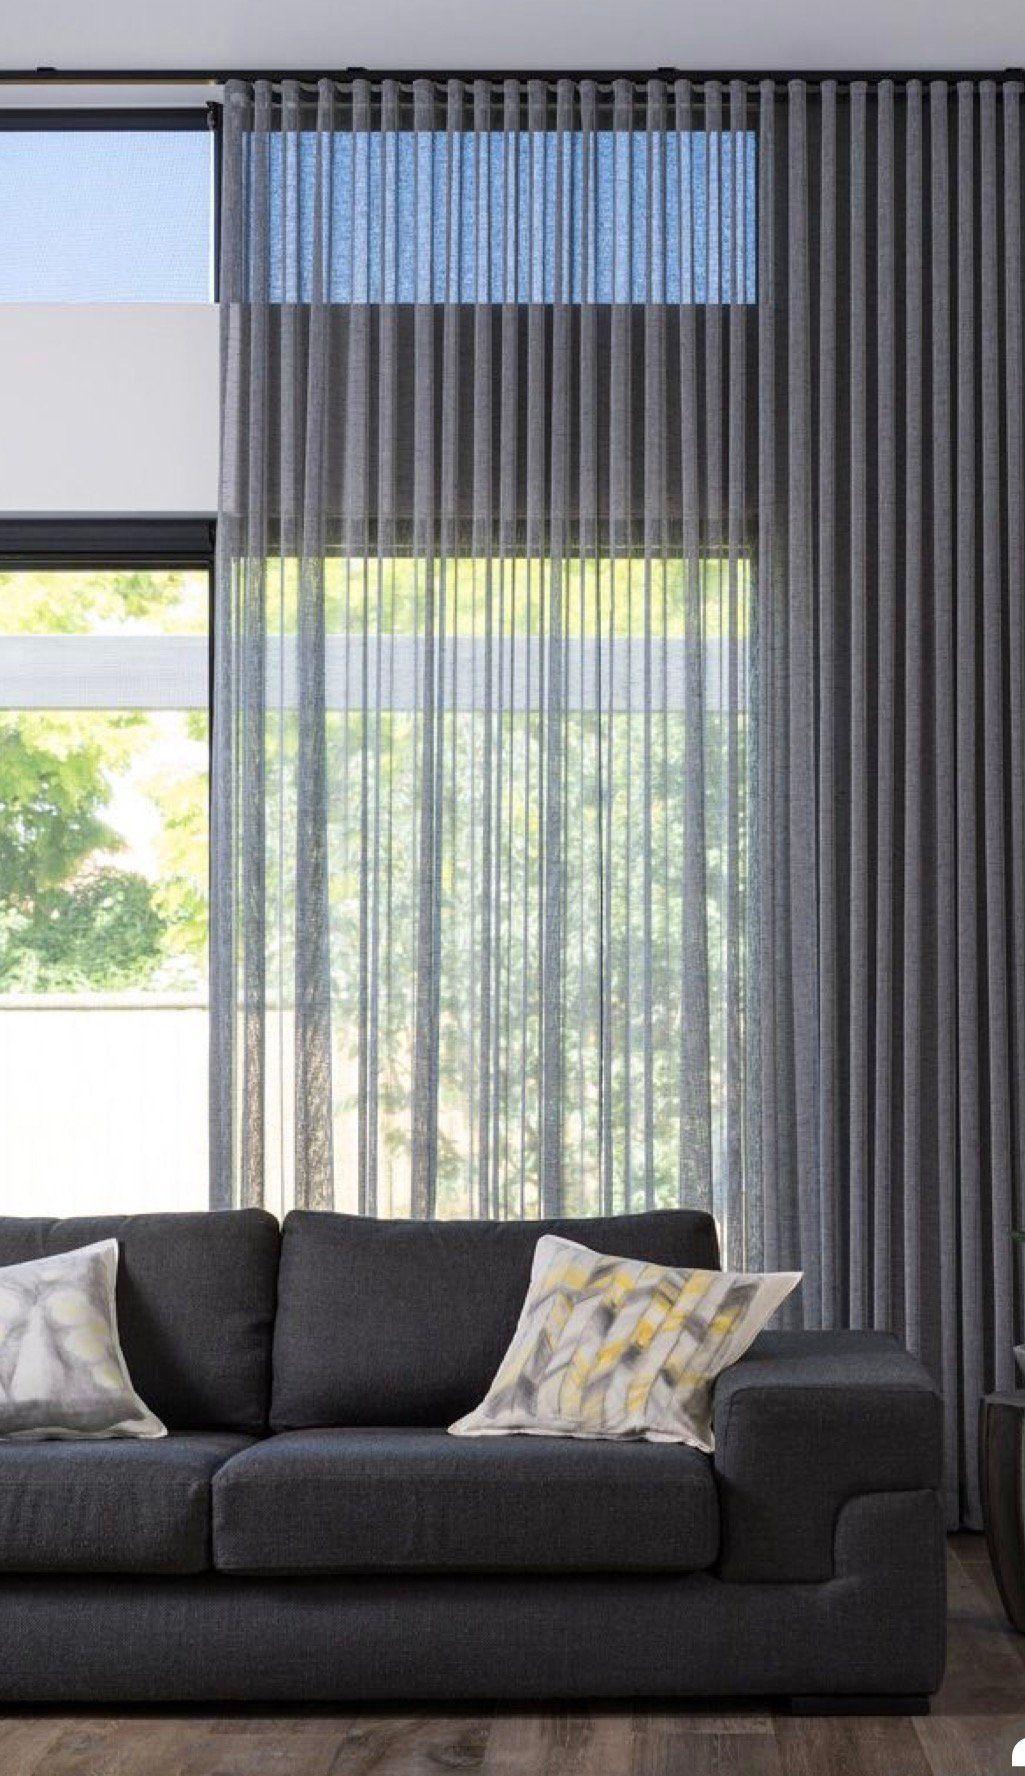 Custom Sheer Ripple Fold Drapery Panel Pulse Drapery System Gray Off White Sheer Condo Drapes Sheers Curtains Living Room Curtains Living Room Curtains Living